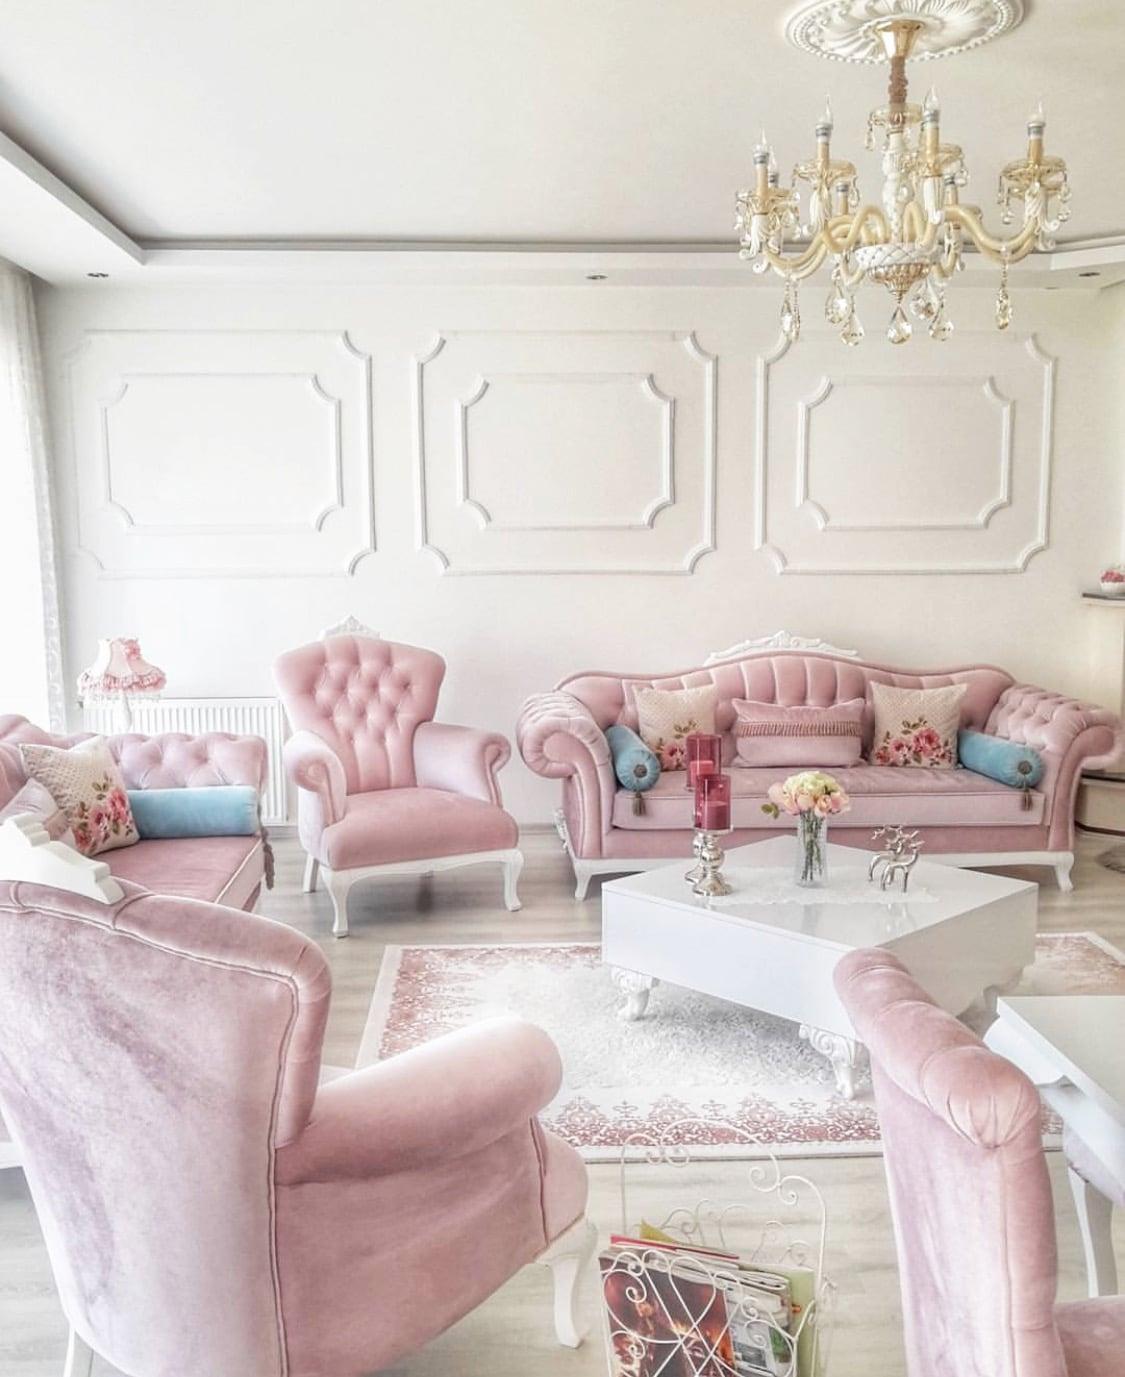 bộ ghế sofa phong cách hoàng gia màu sáng